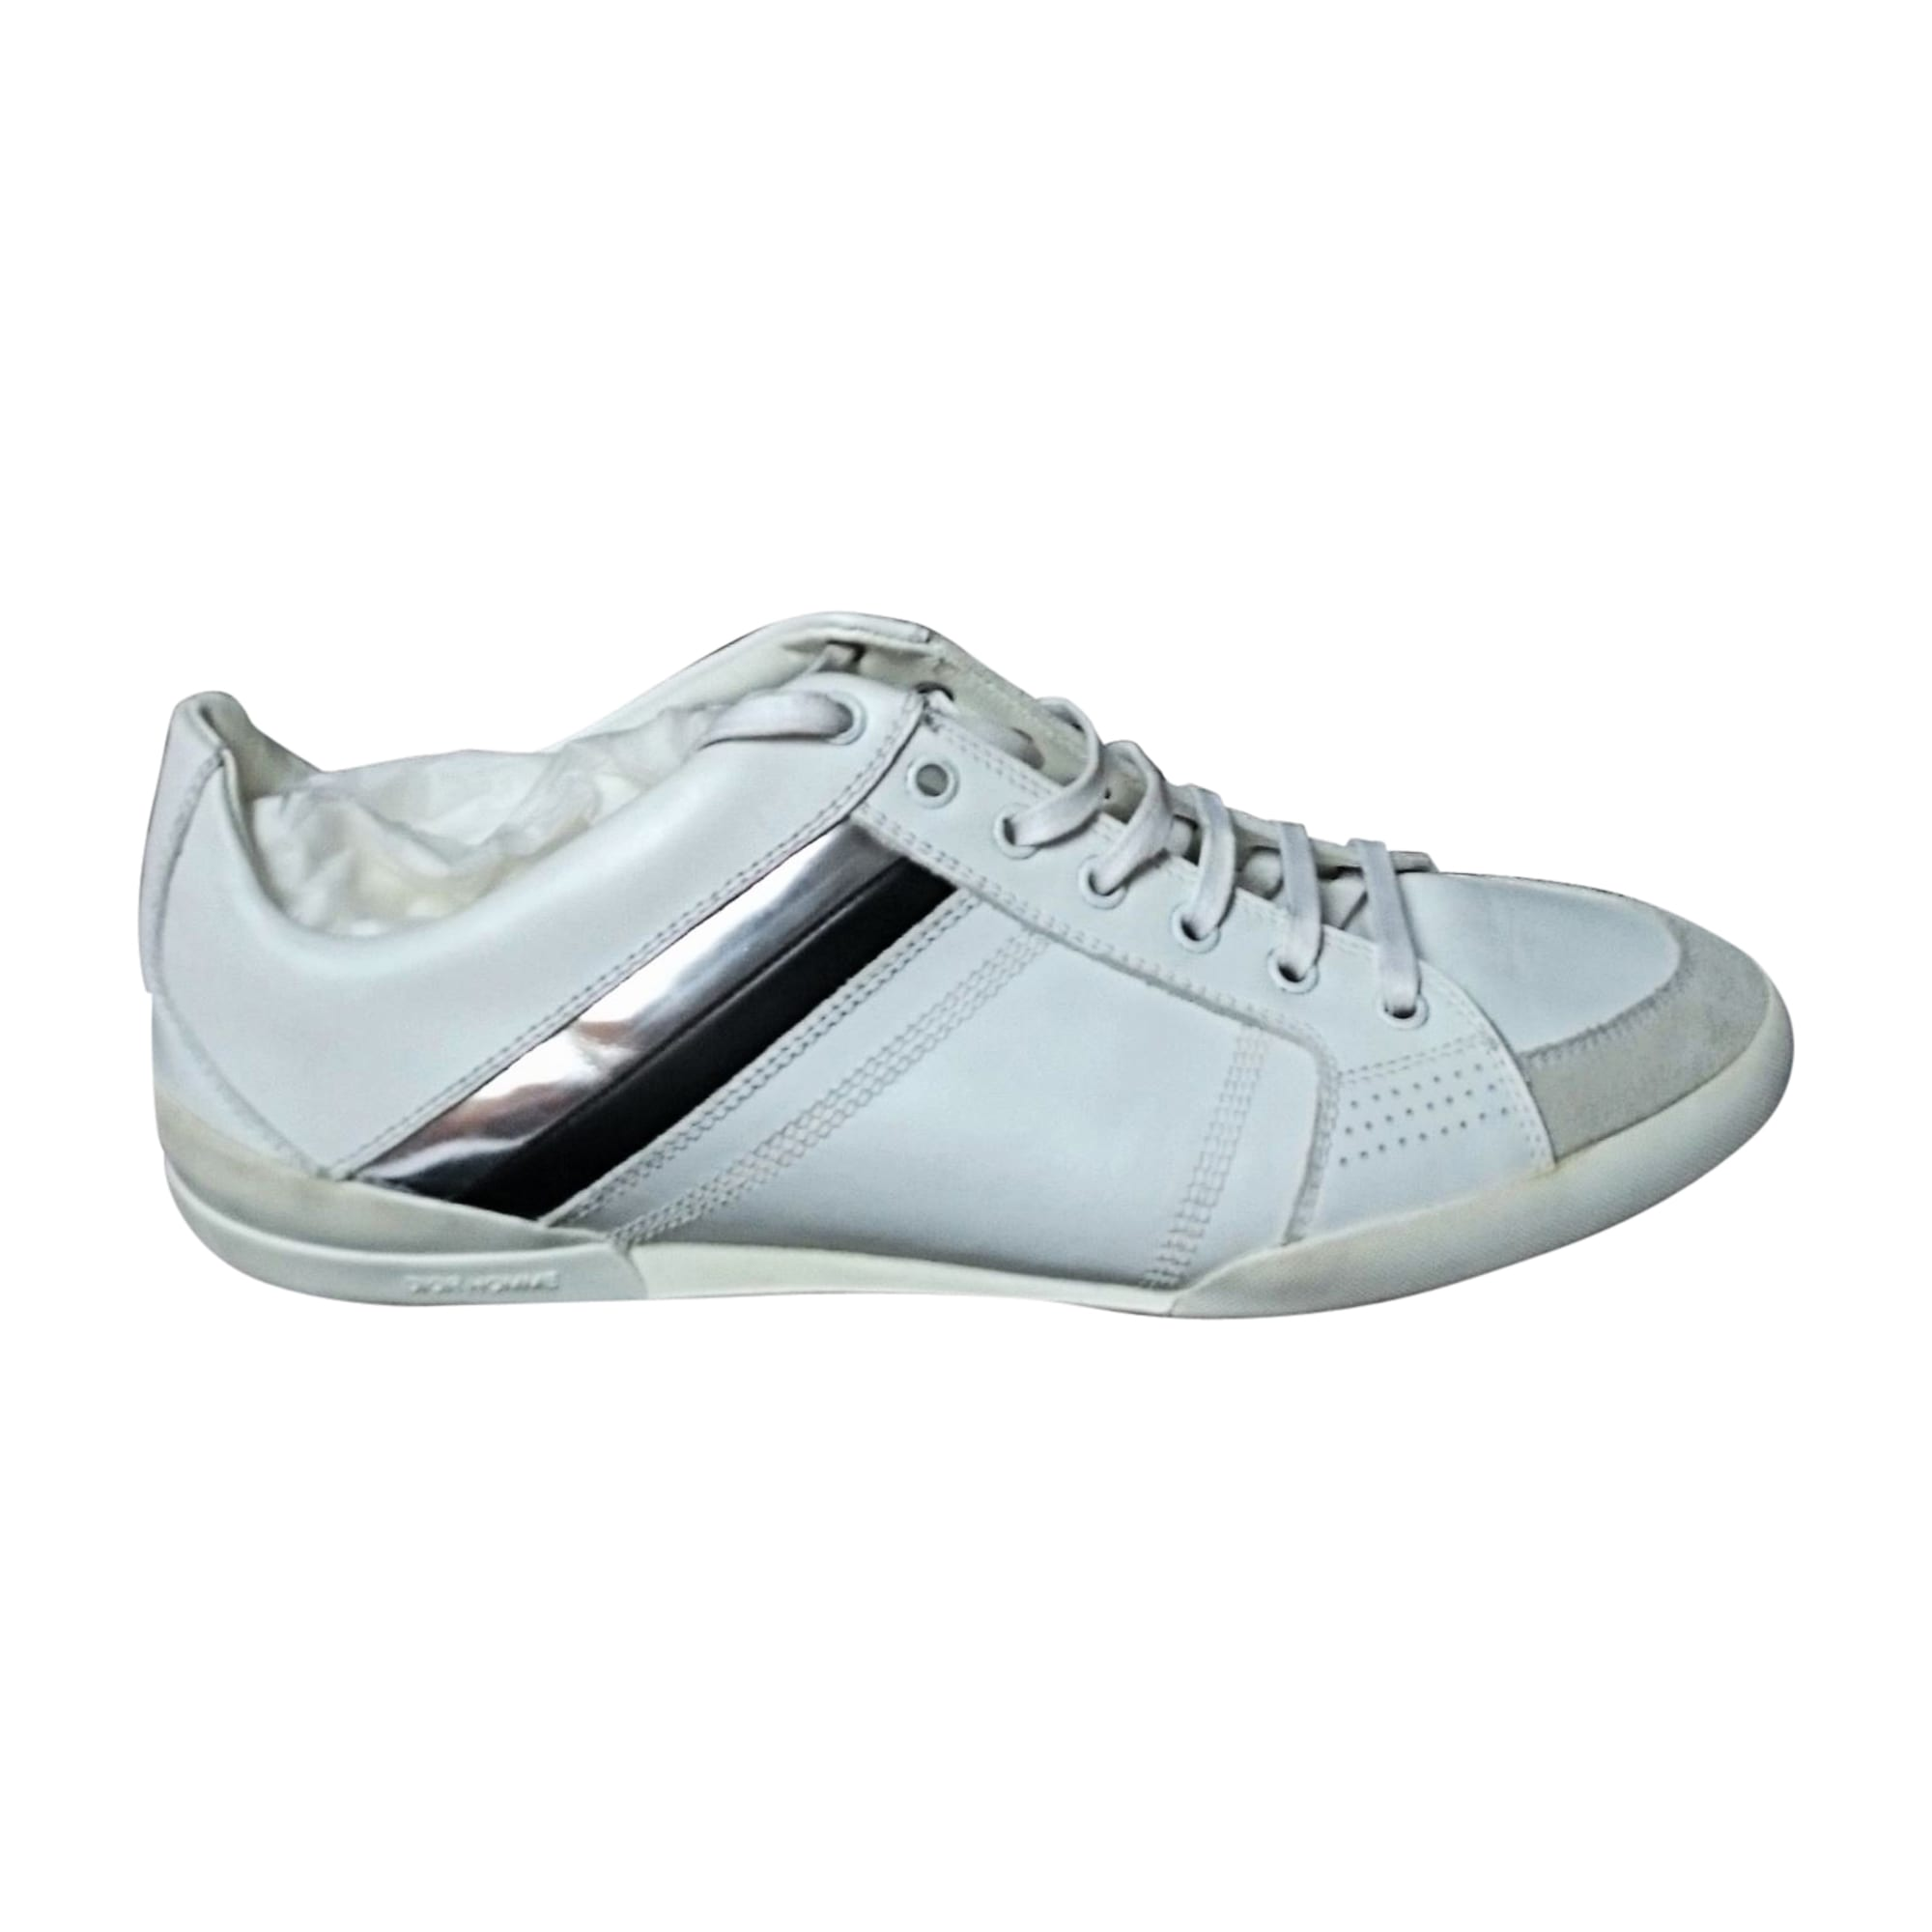 db8a83671ac2 Chaussures à lacets DIOR HOMME 42,5 blanc vendu par Drewm - 7721423